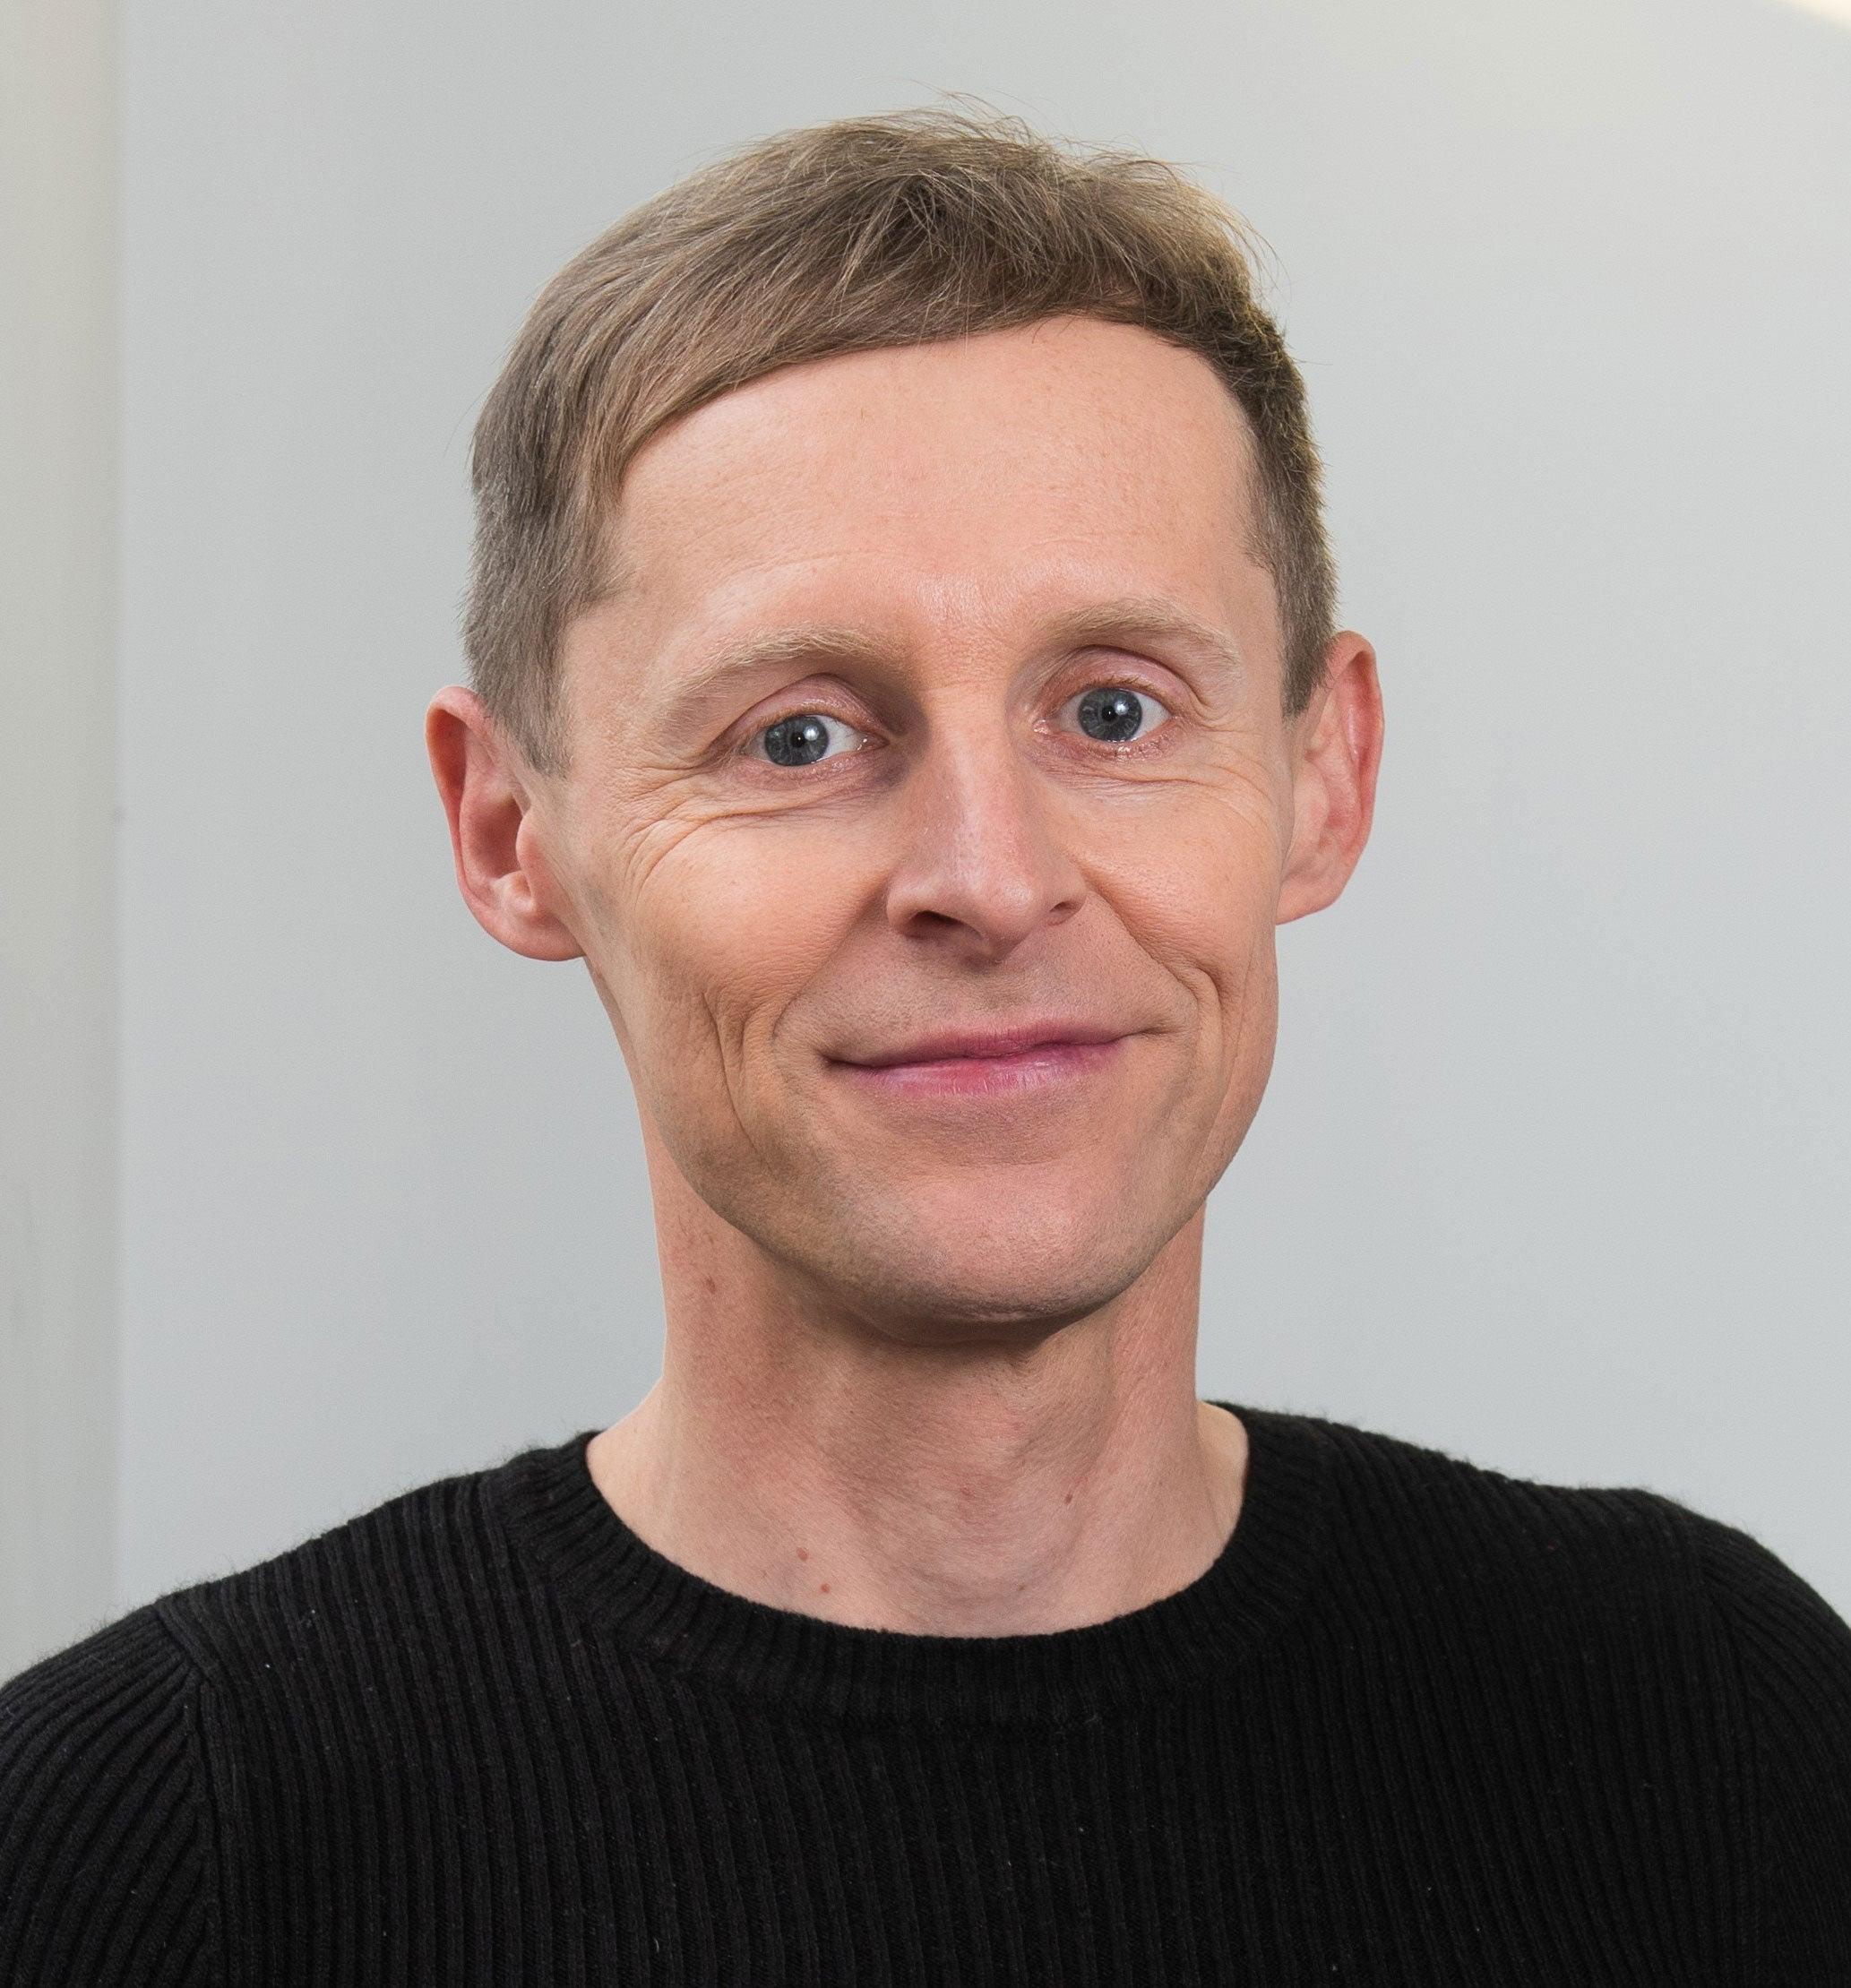 Karsten Haustein